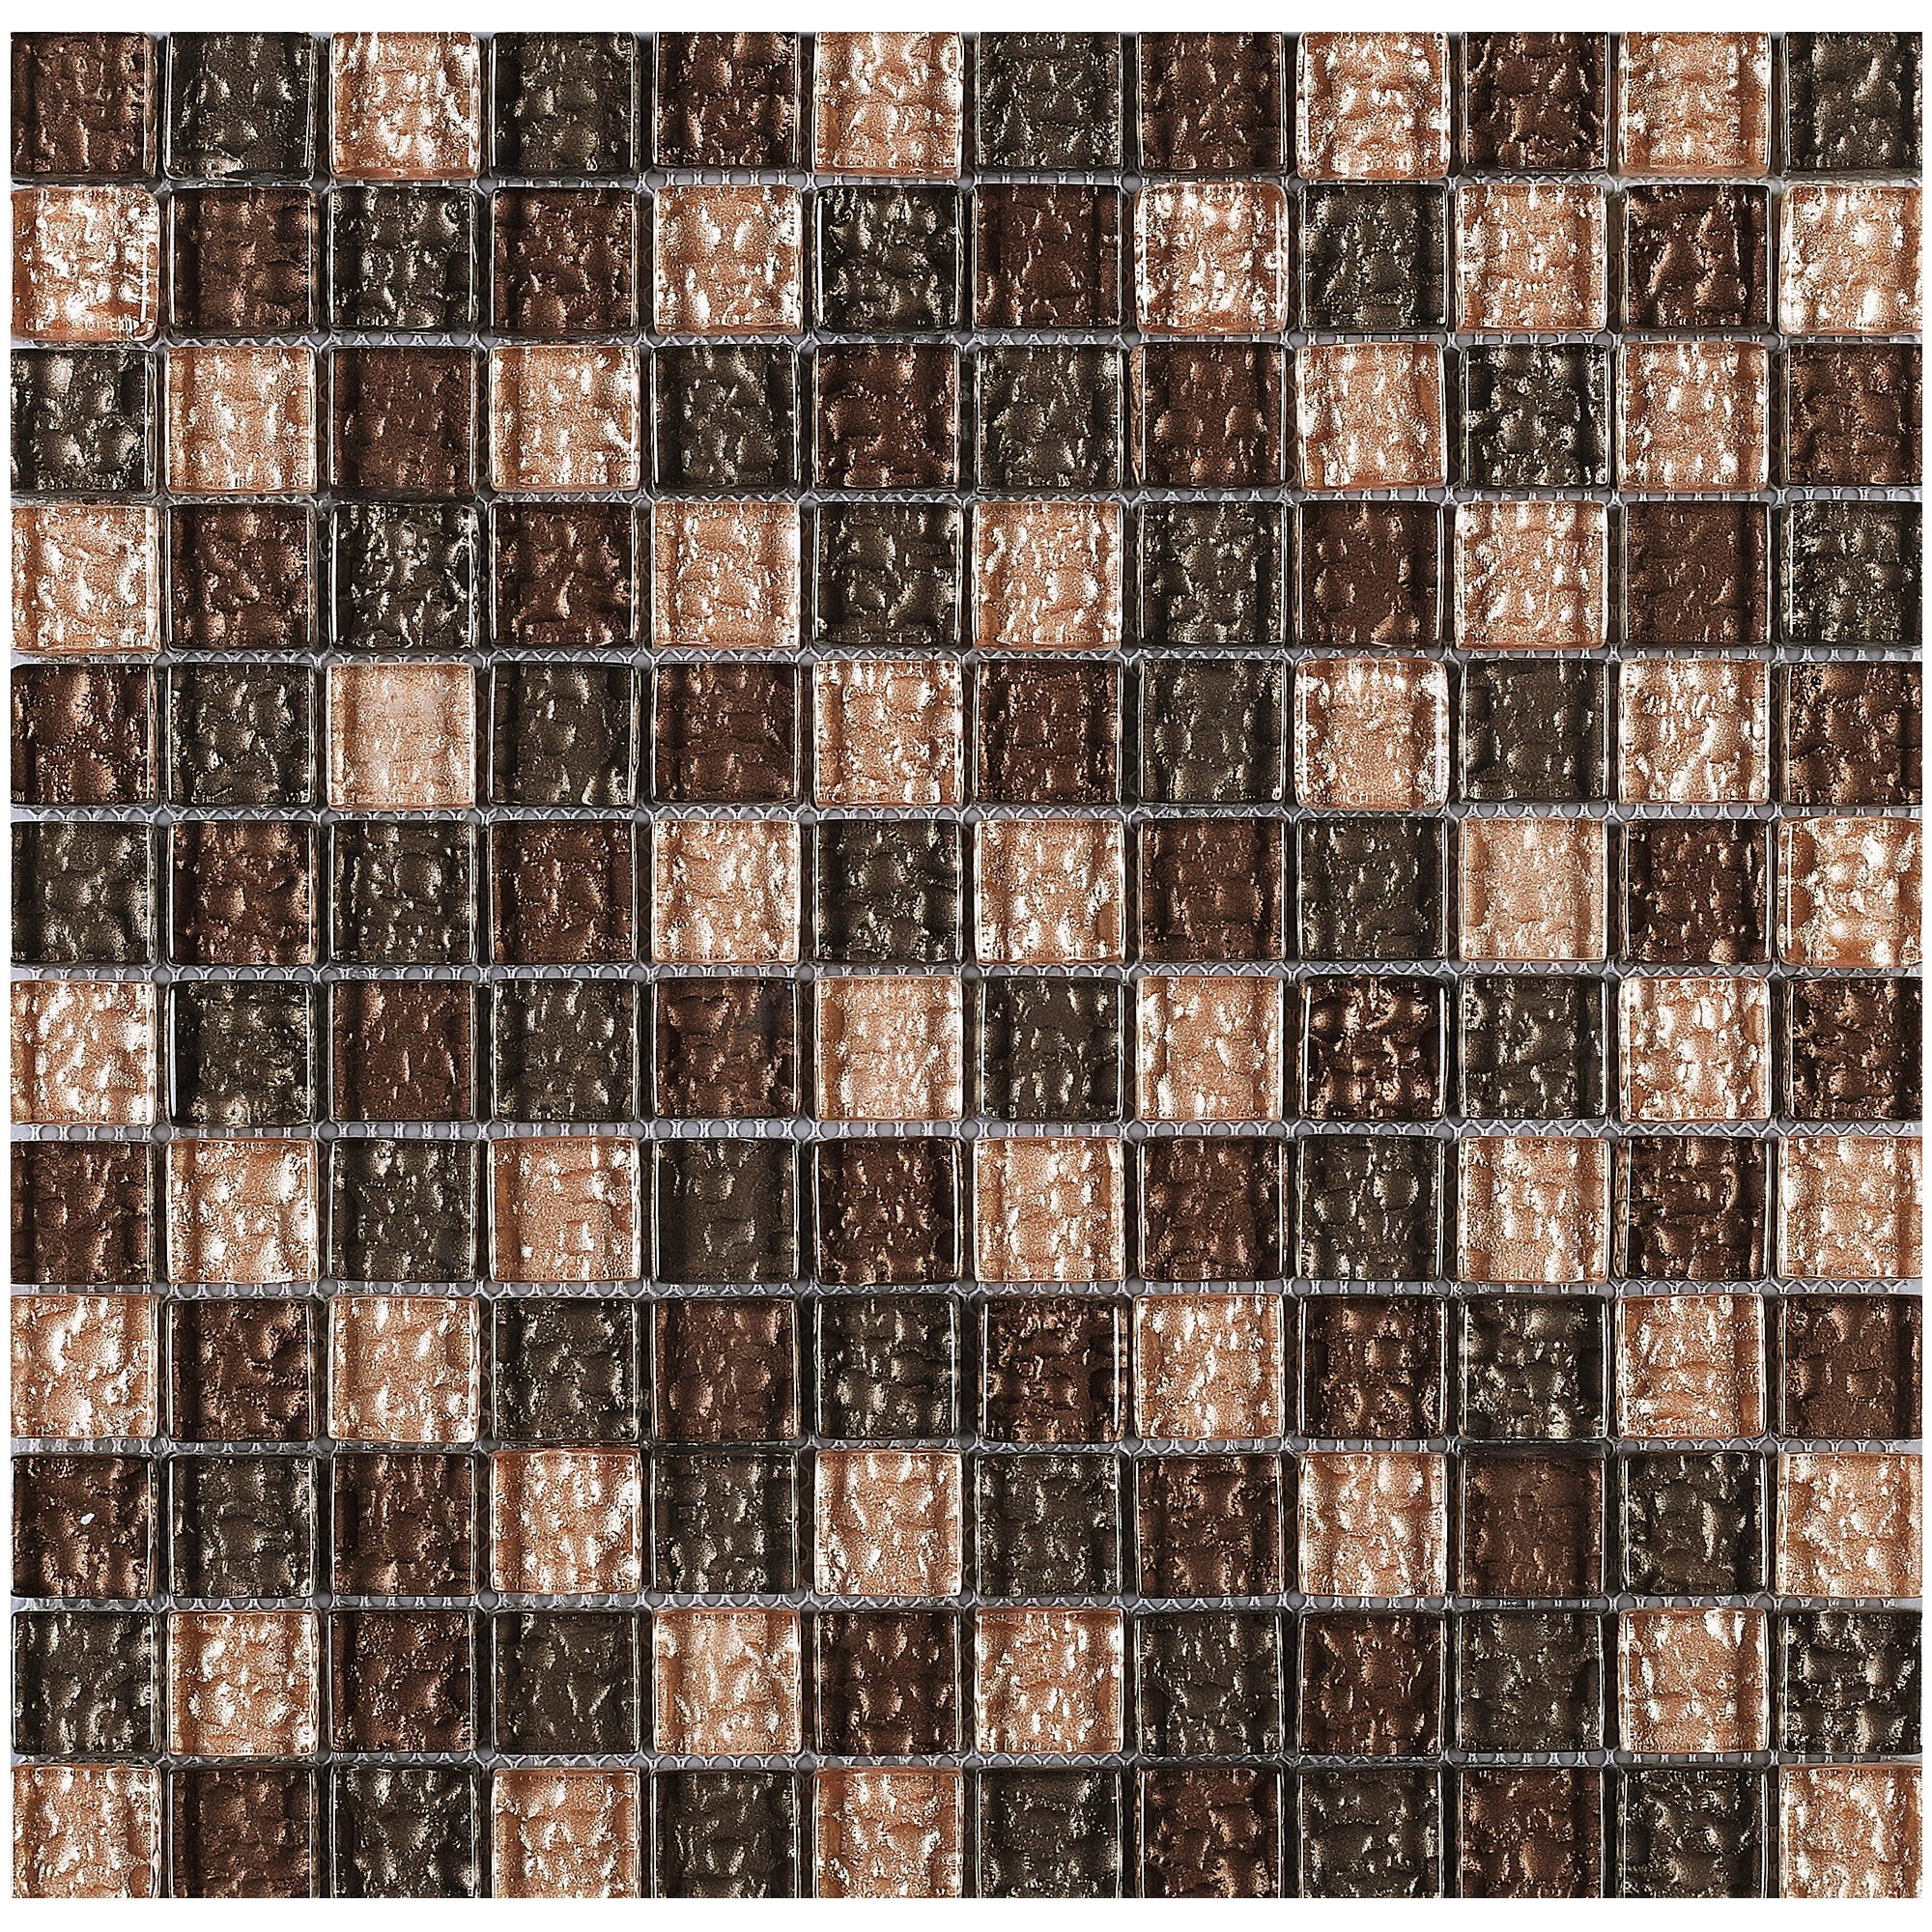 Tilegen Grid 1 X Gl Mosaic Tile In Beige Brown Wall 10 Sheets 9 6sqft